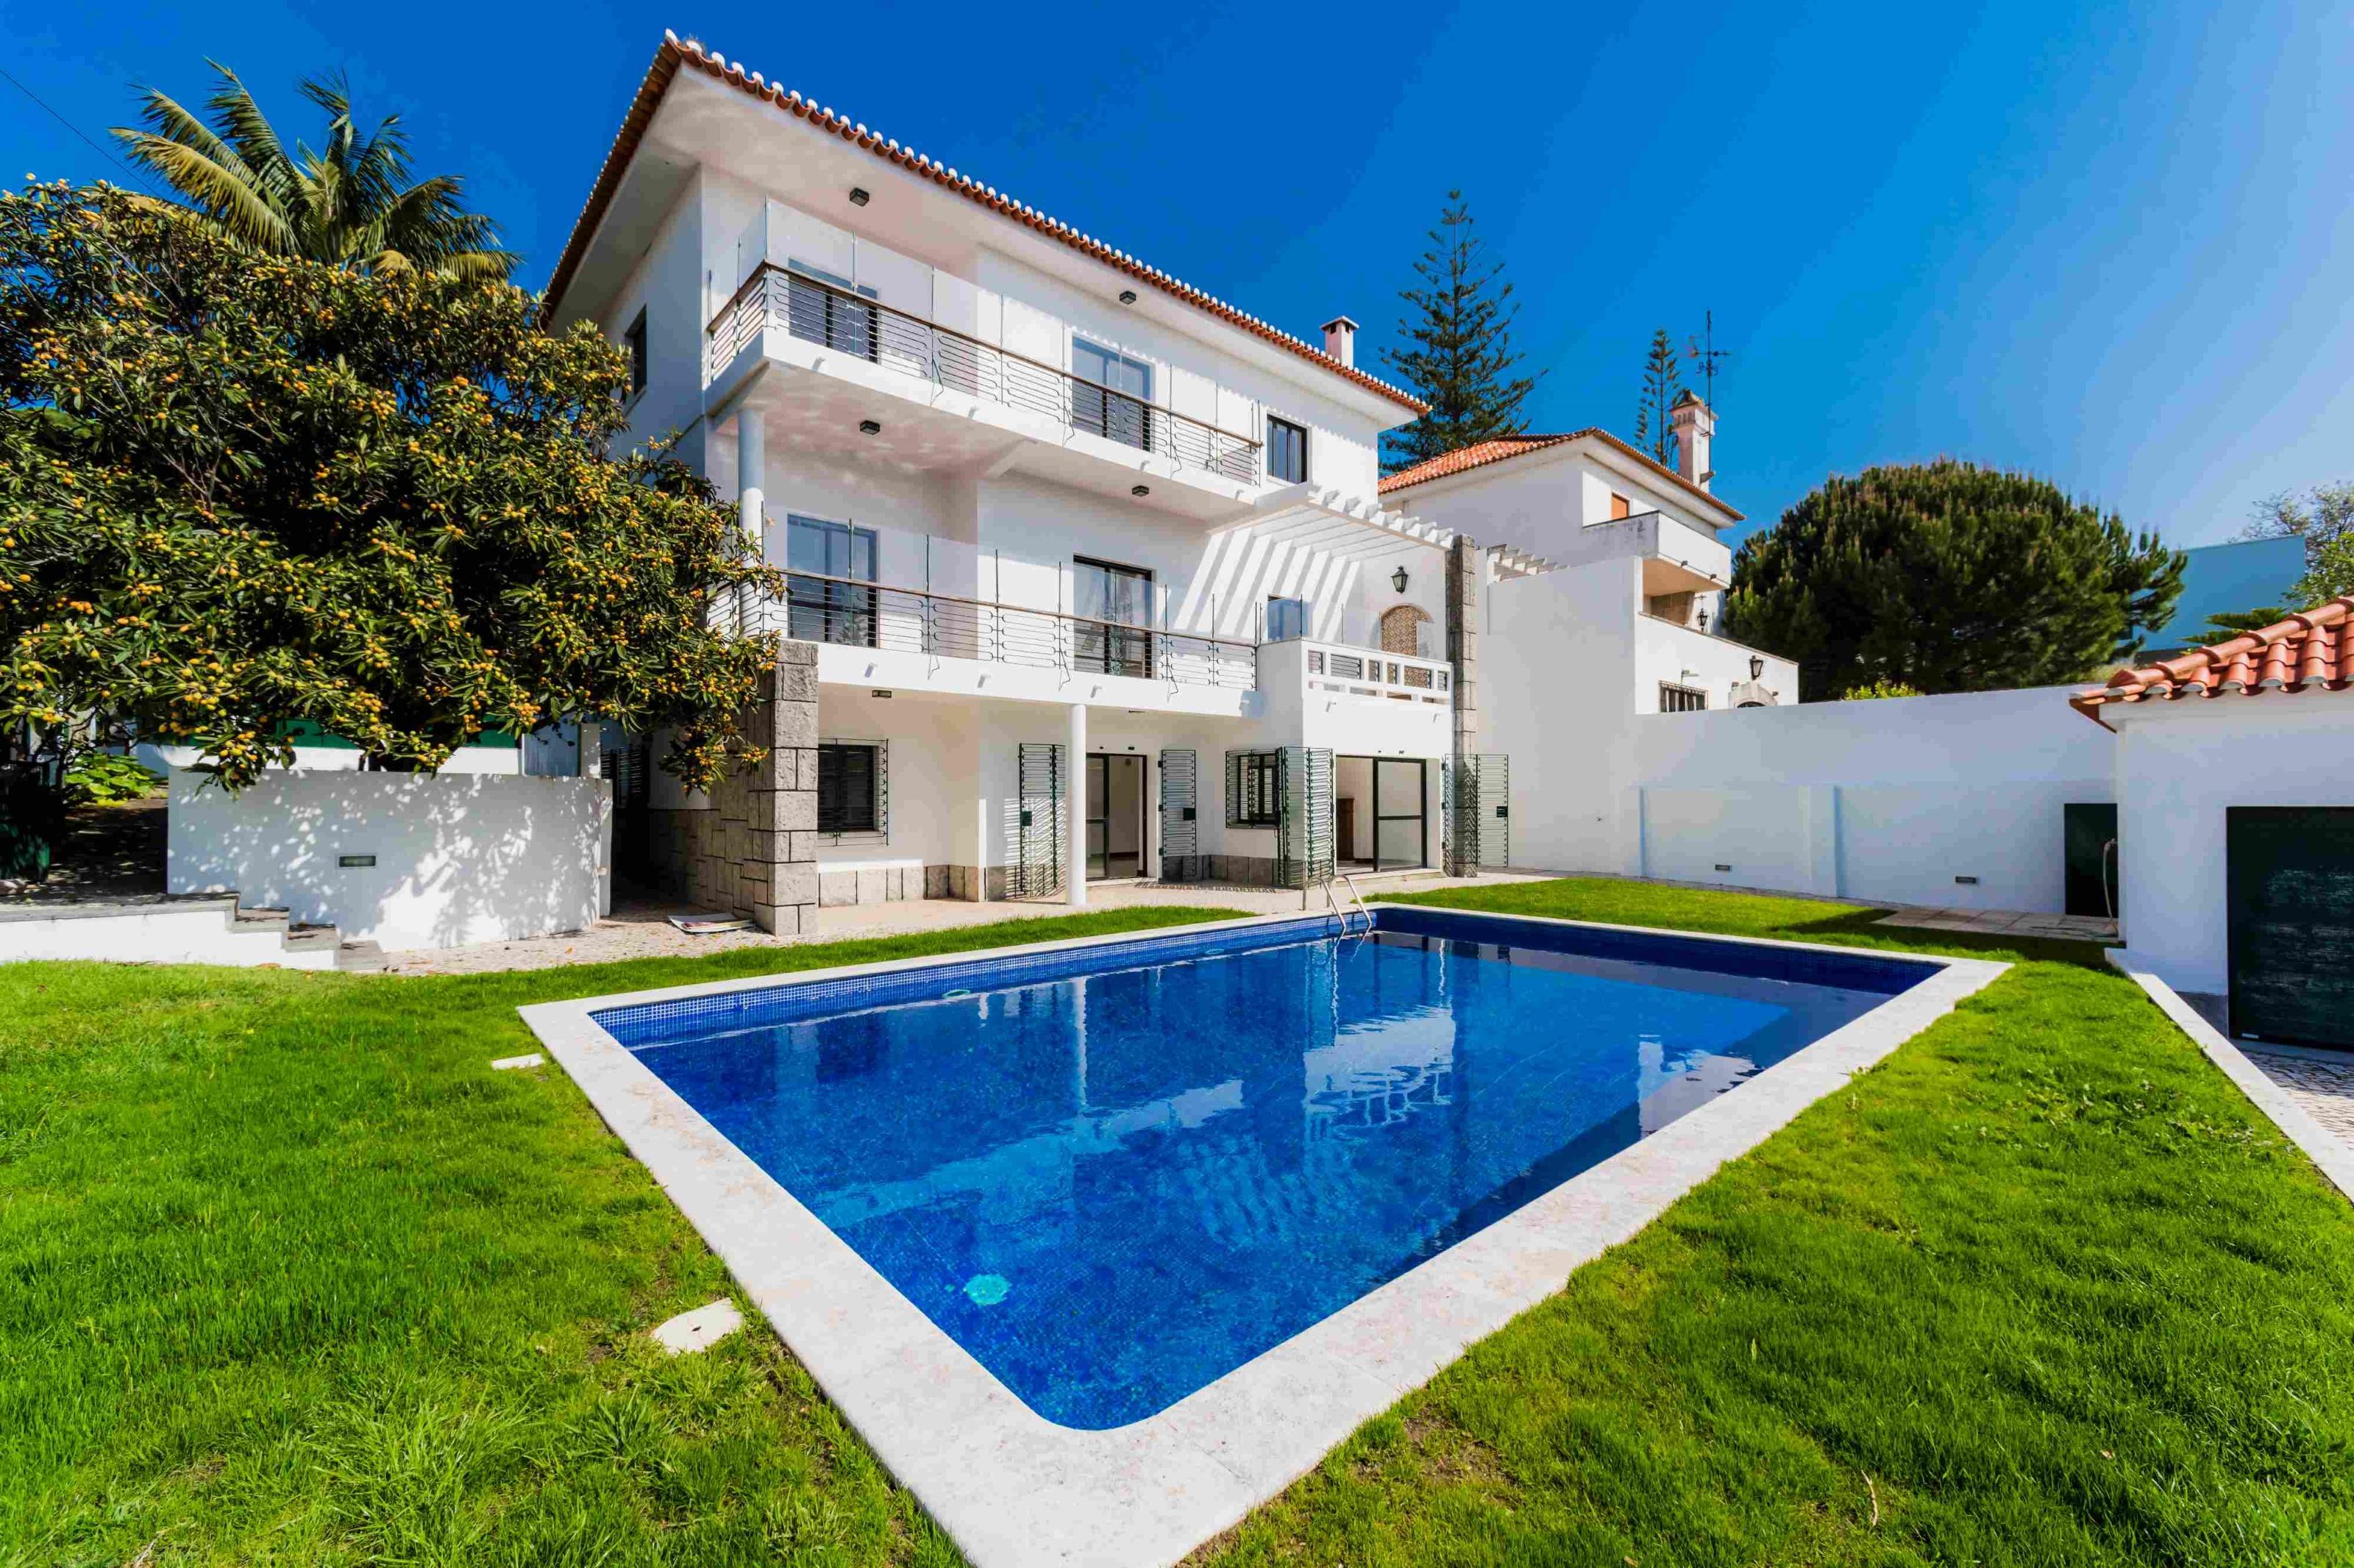 Moradia de luxo com piscina - Lisboa